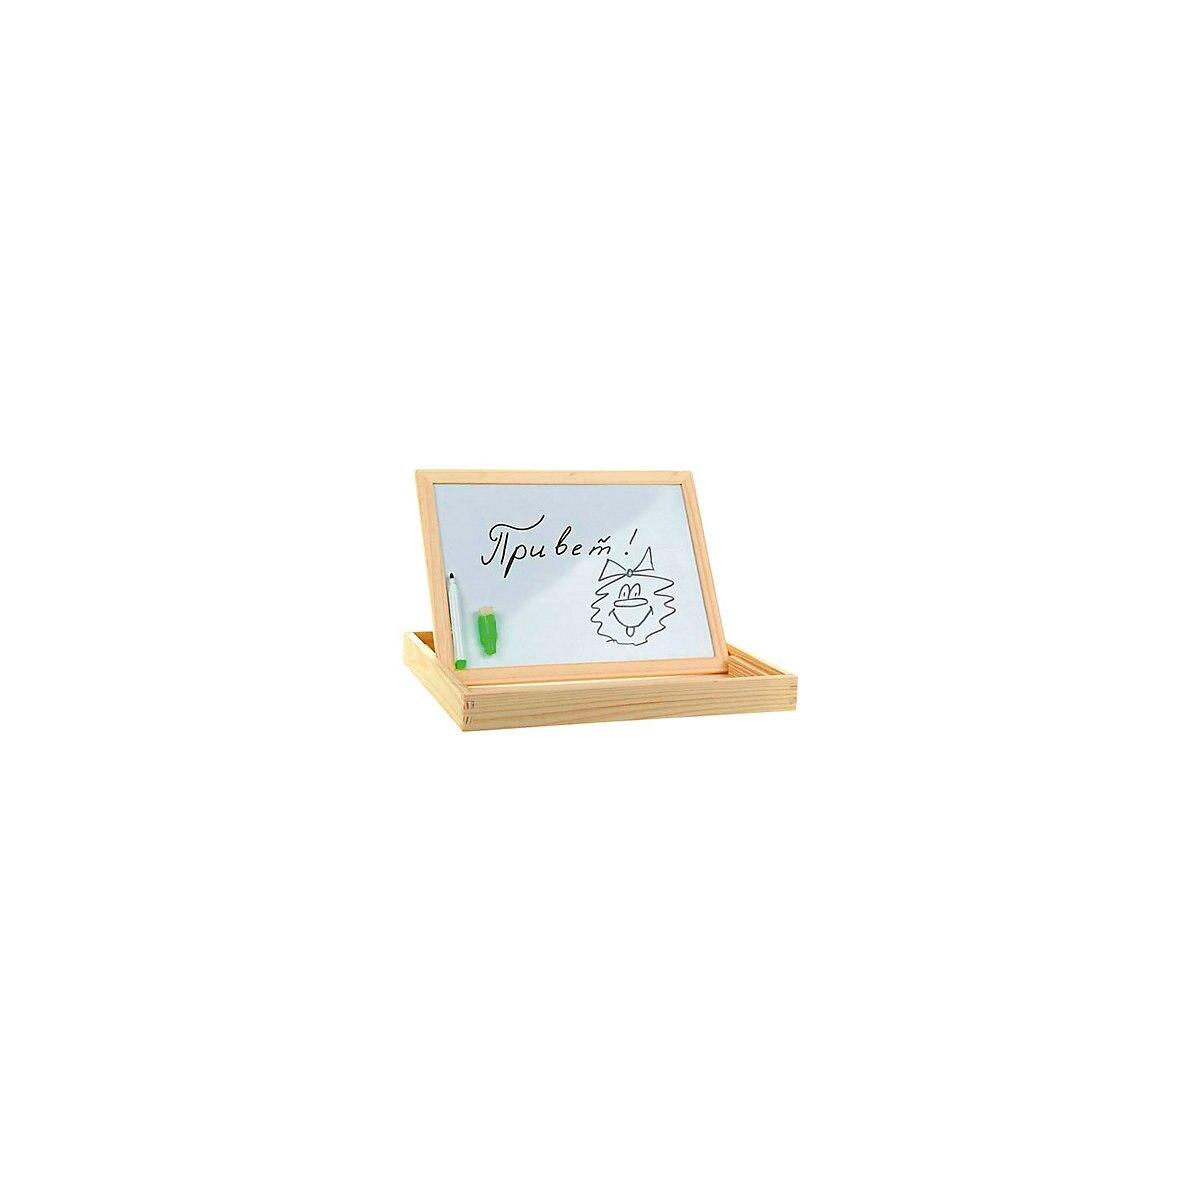 MAPACHA Holz Blöcke 4925605 für jungen und mädchen Pädagogisches spielzeug für kinder Baby Kinder MTpromo - 3